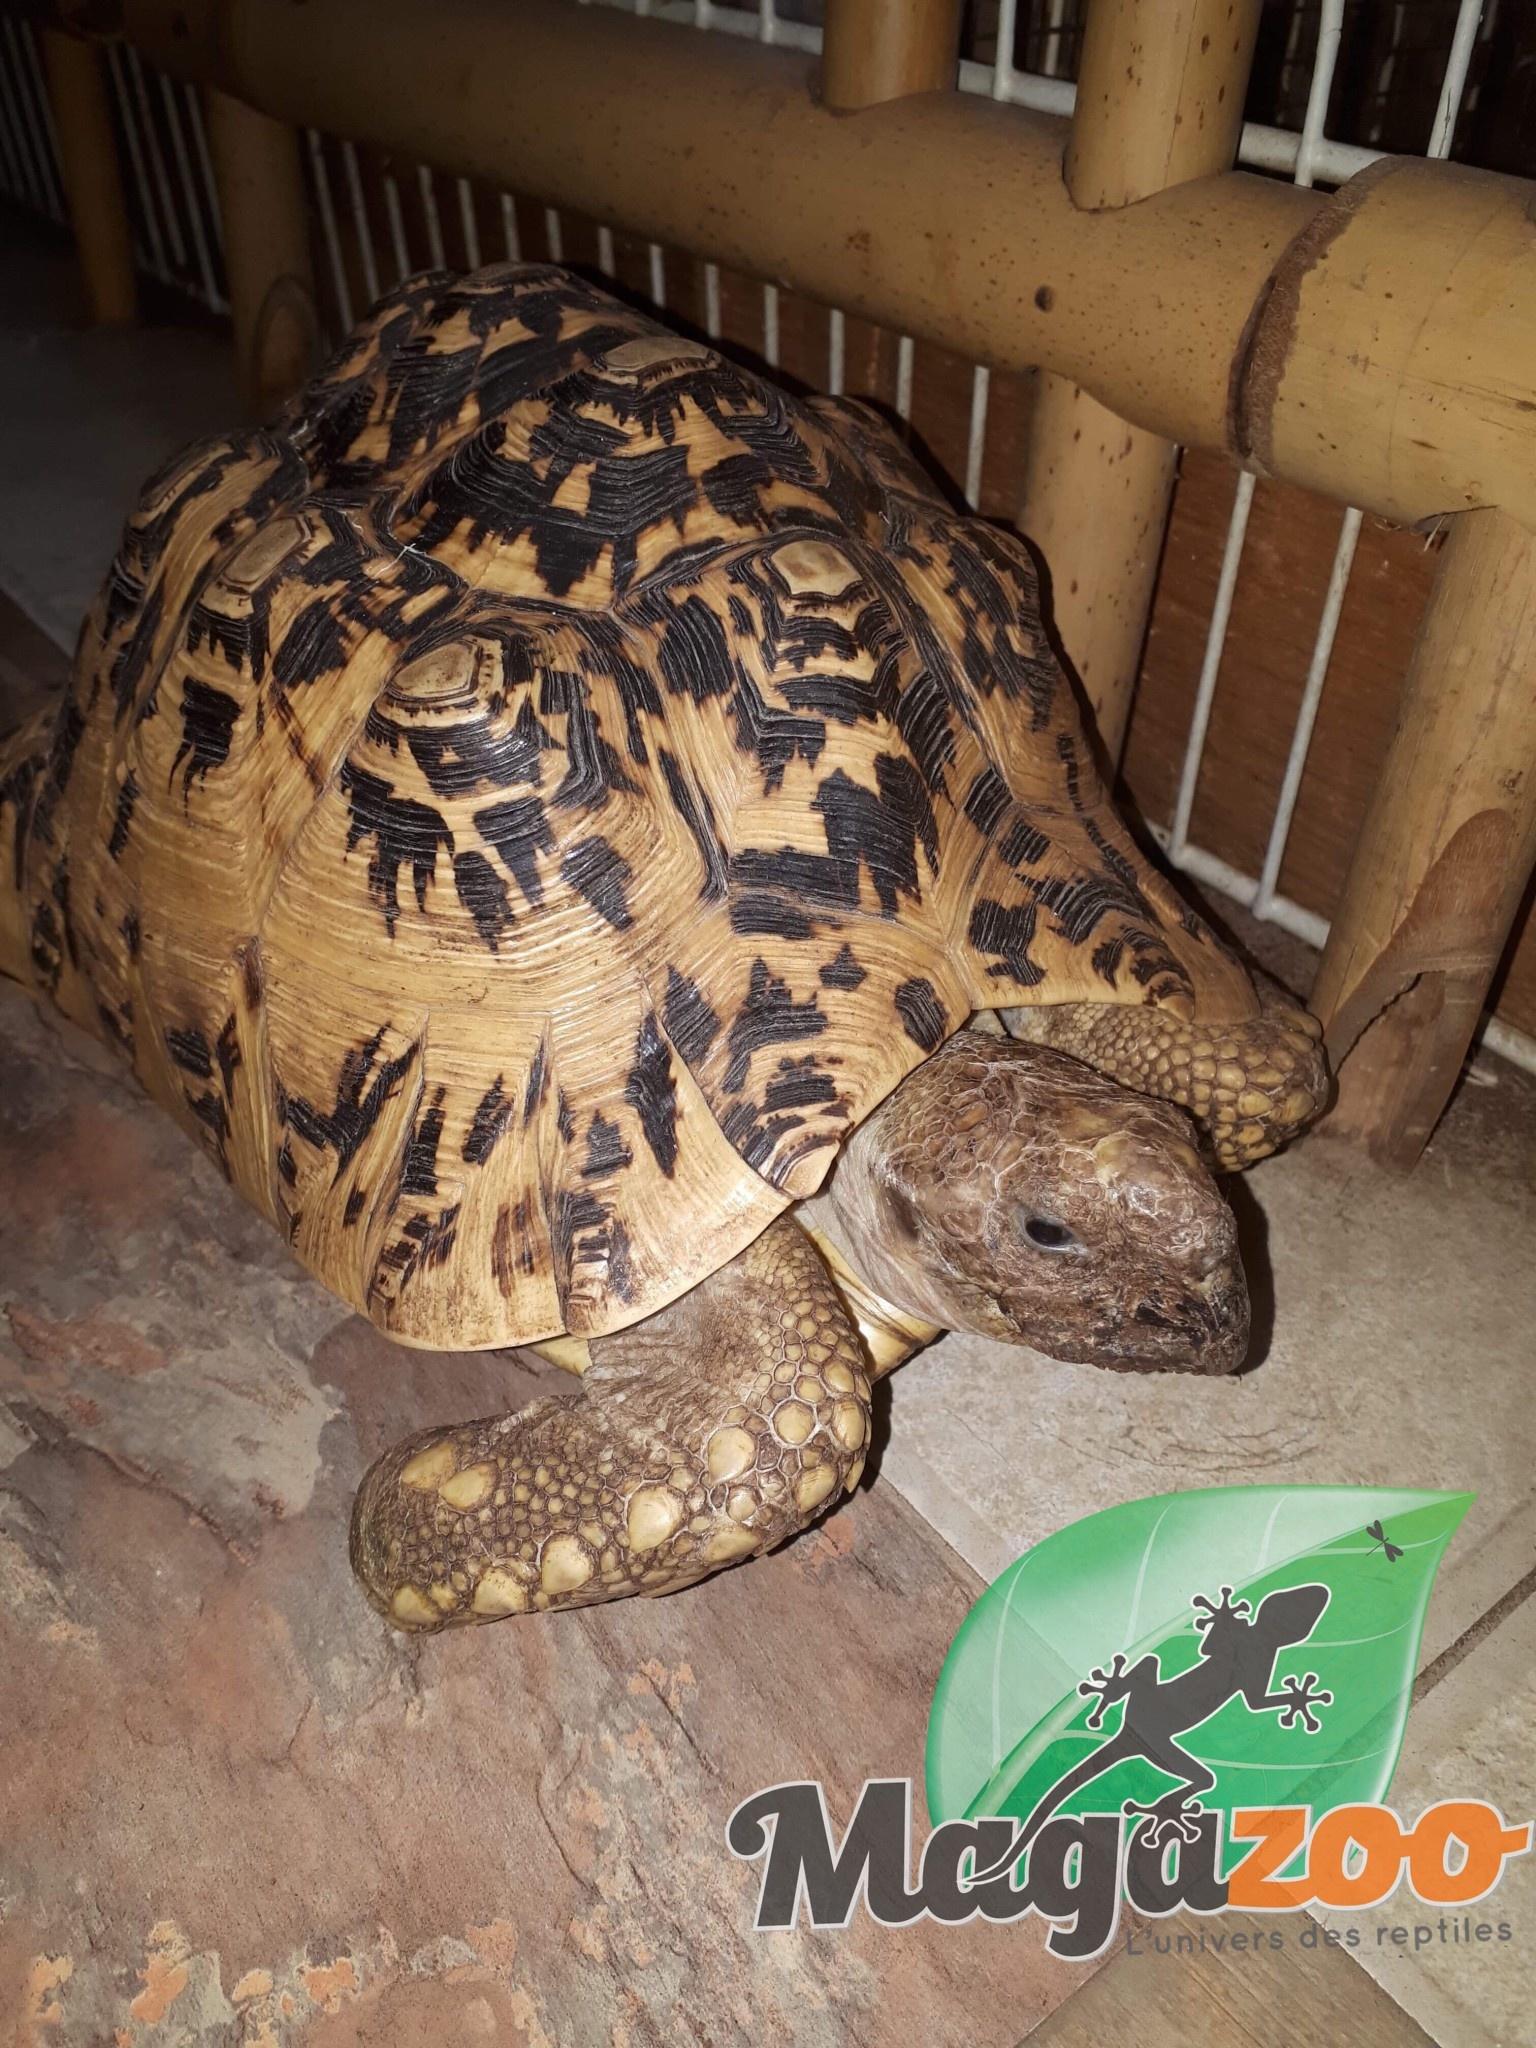 Magazoo Tortue Léopard femelle